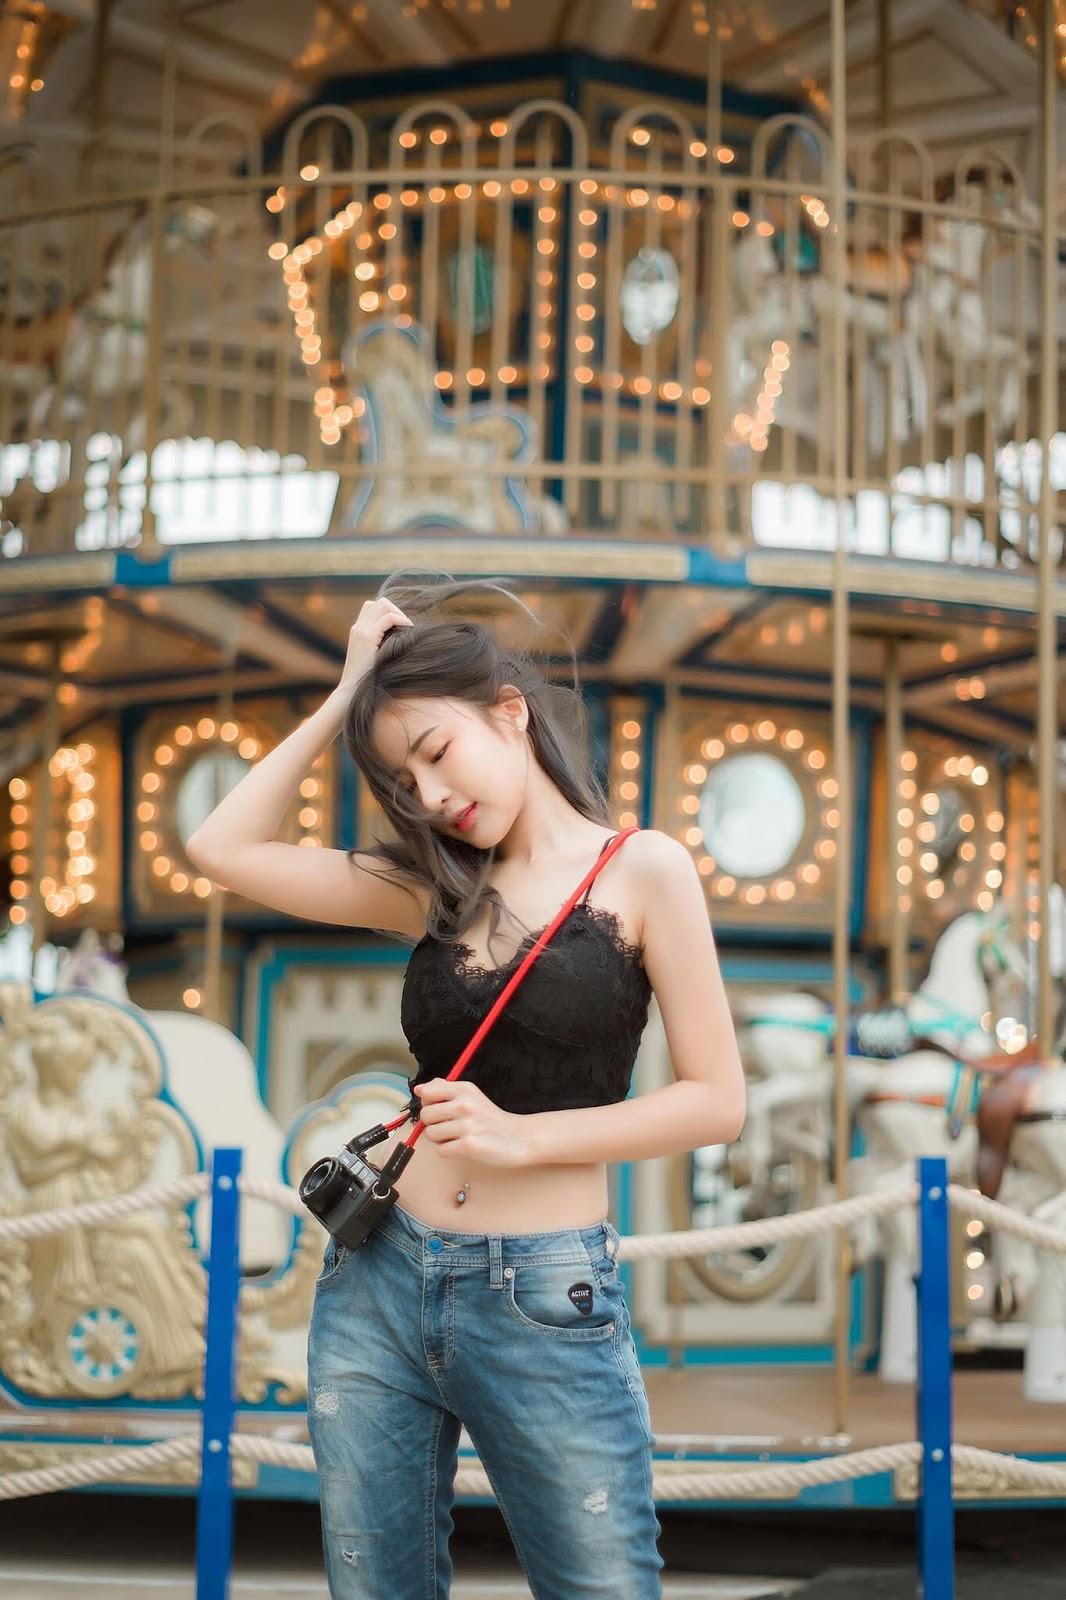 Thailand Hot Girl - Thanyarat Charoenpornkittada - My Memory Childhood Park - TruePic.net - Picture 1